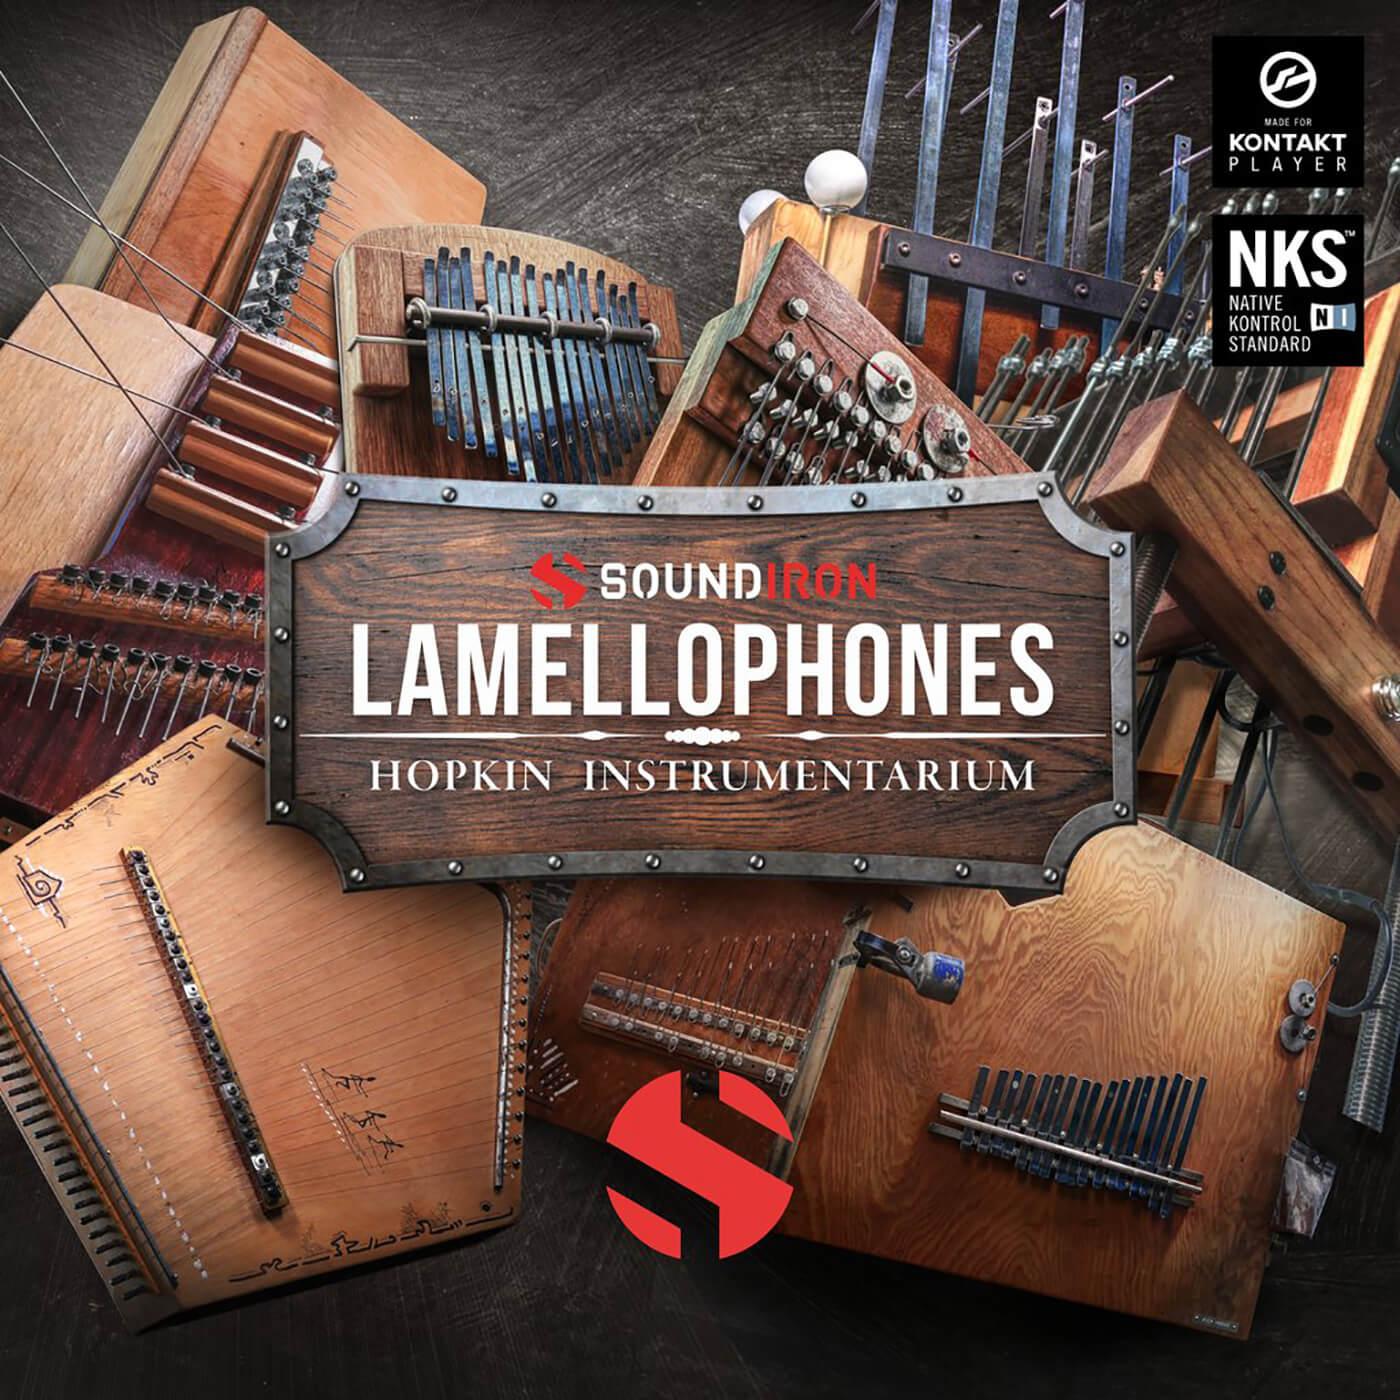 Soundiron - Hopkin Instrumentarium: Lamellophones